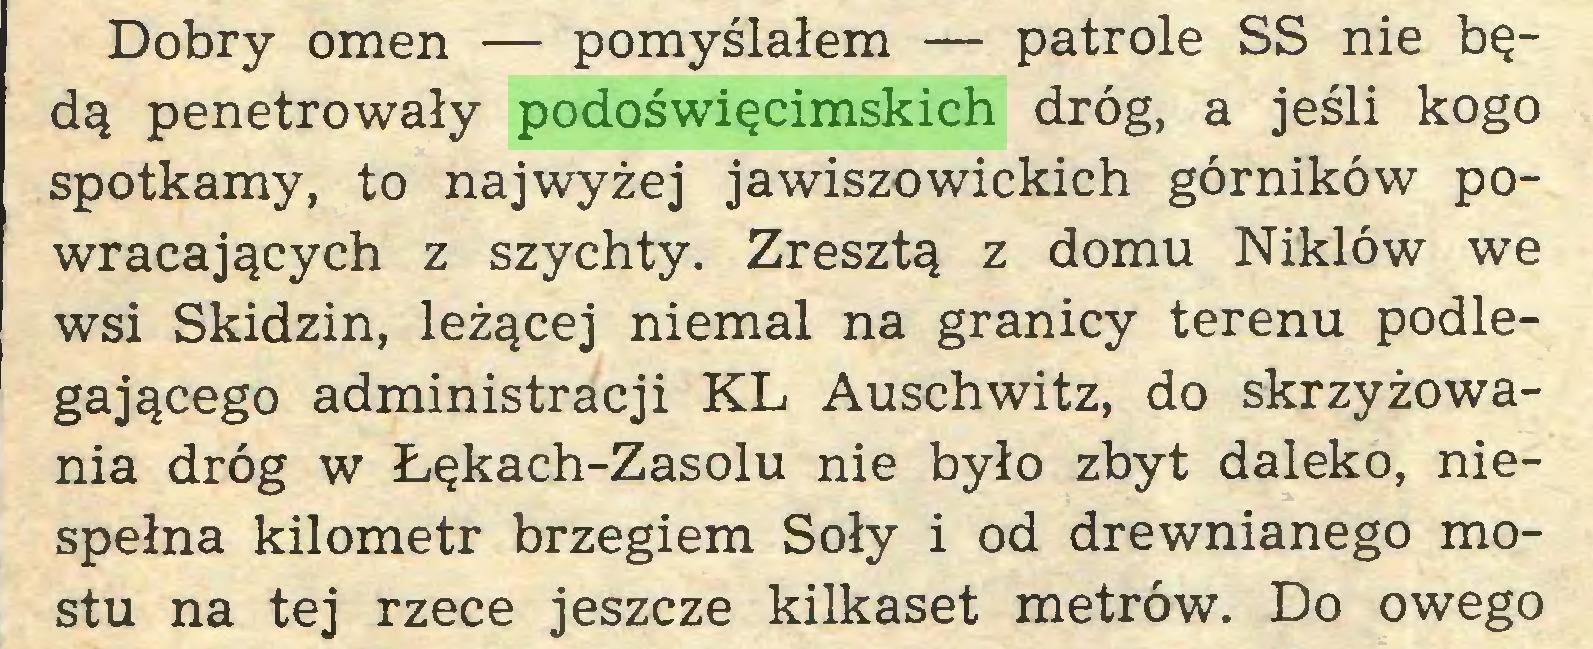 (...) Dobry omen — pomyślałem — patrole SS nie będą penetrowały podoświęcimskich dróg, a jeśli kogo spotkamy, to najwyżej jawiszowickich górników powracających z szychty. Zresztą z domu Niklów we wsi Skidzin, leżącej niemal na granicy terenu podlegającego administracji KL Auschwitz, do skrzyżowania dróg w Łękach-Zasolu nie było zbyt daleko, niespełna kilometr brzegiem Soły i od drewnianego mostu na tej rzece jeszcze kilkaset metrów. Do owego...